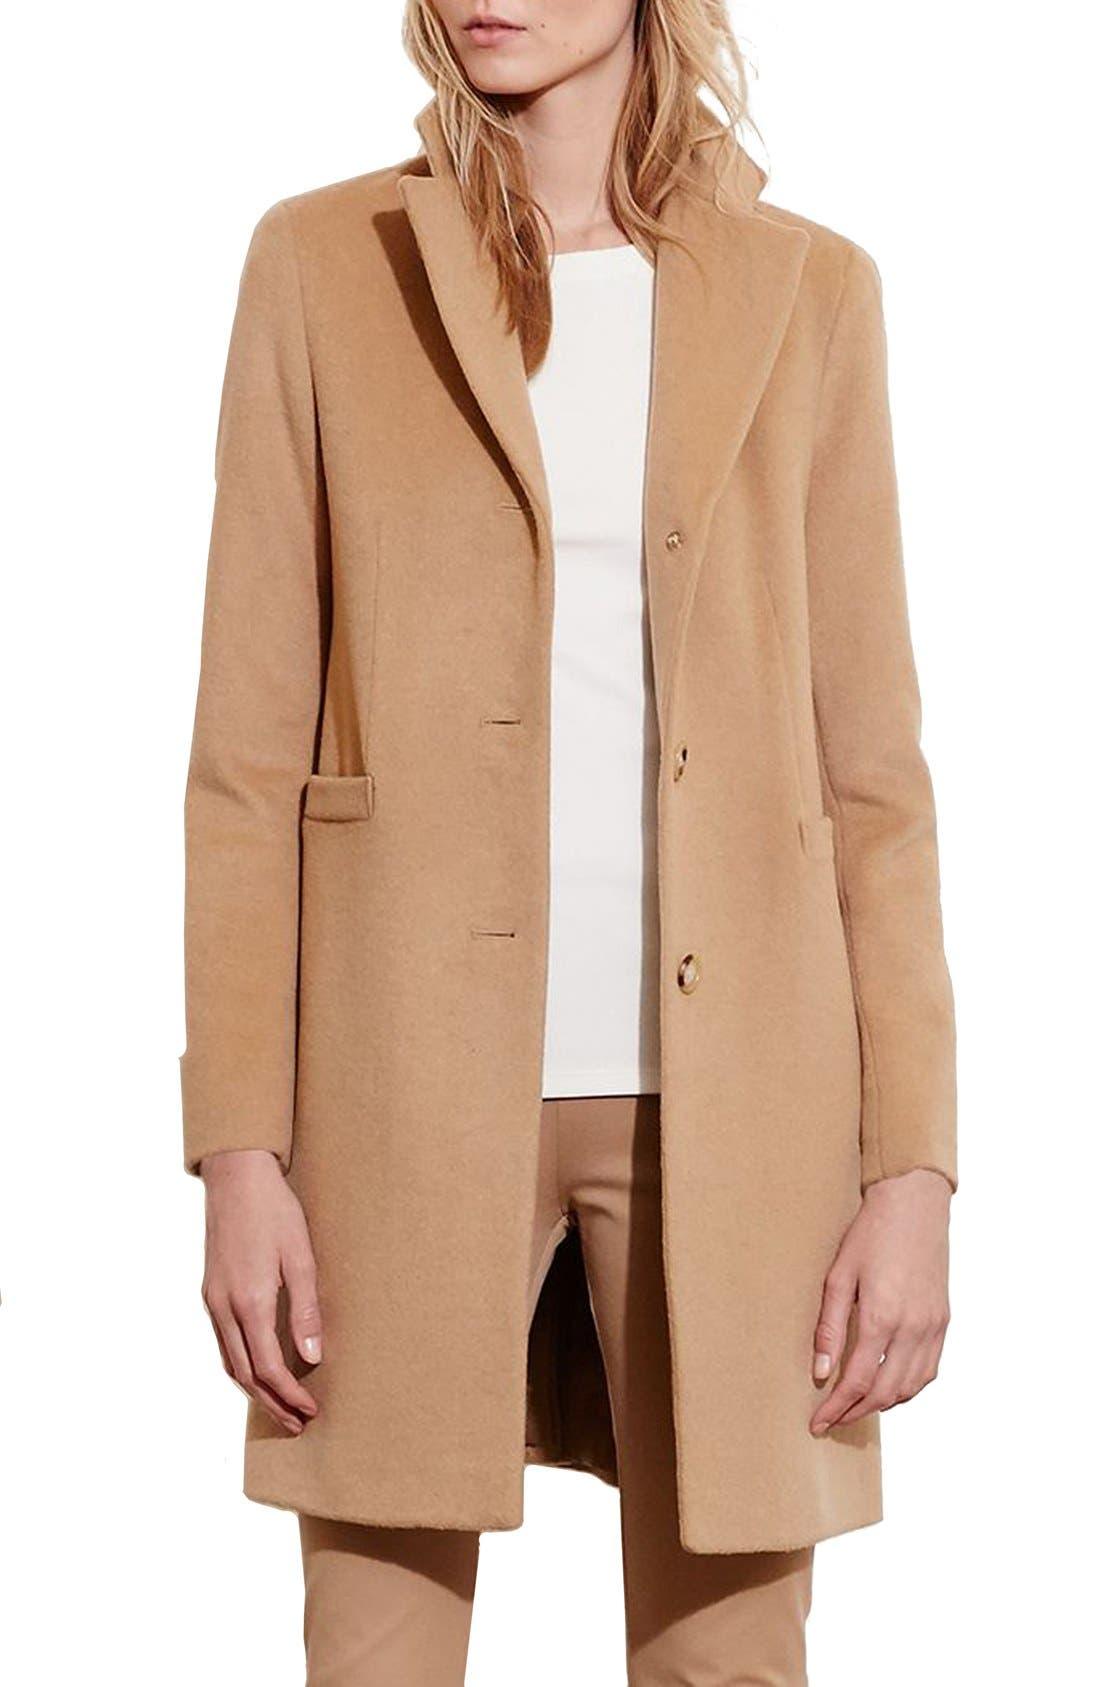 Women's Beige Wool Coats | Nordstrom | Nordstrom